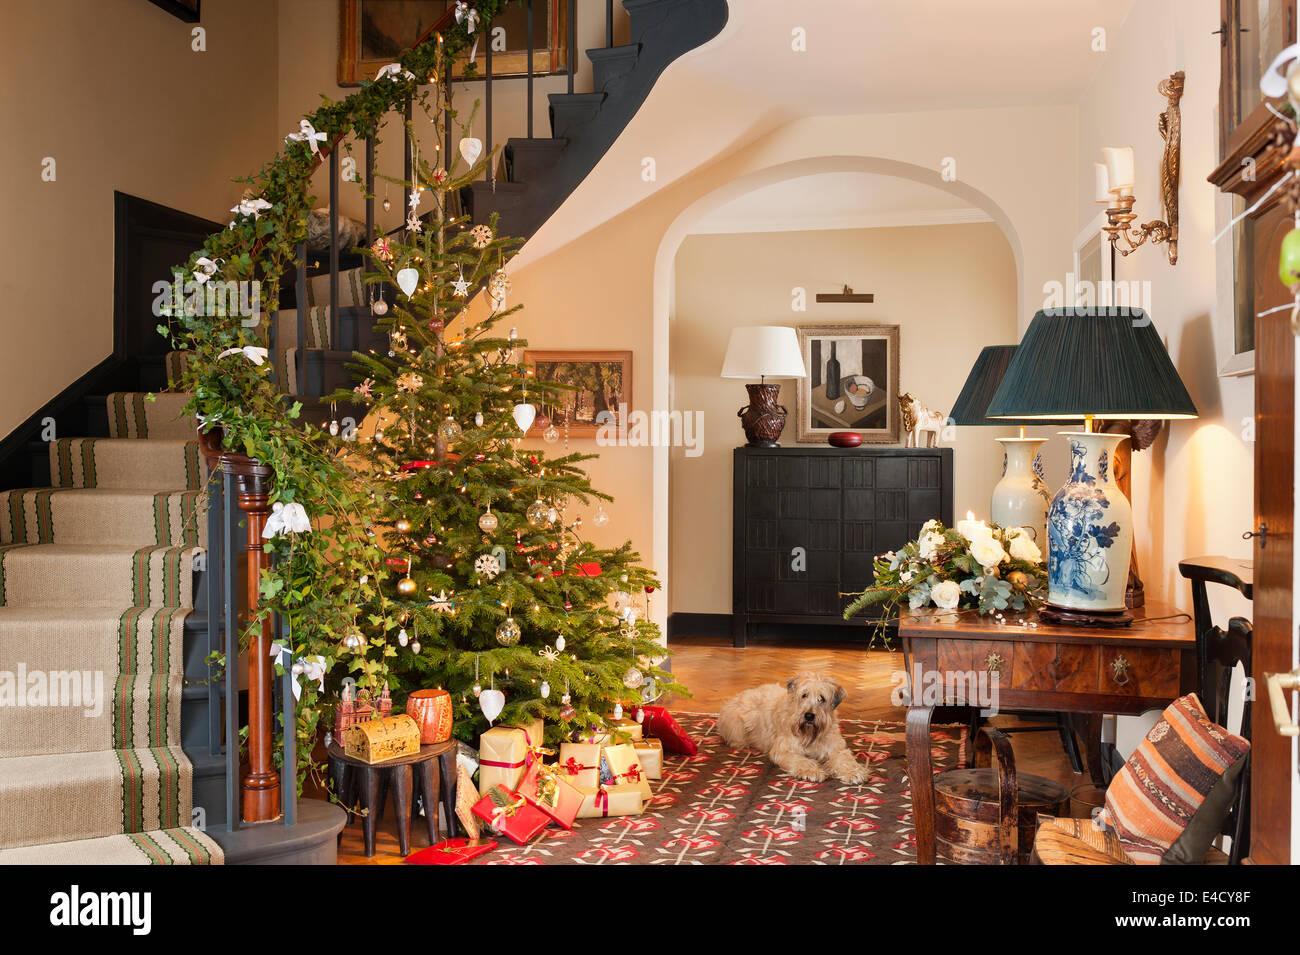 Arbre de Noël dans la hall d'entrée avec kilim début du xxe siècle. L'hôtel de Photo Stock